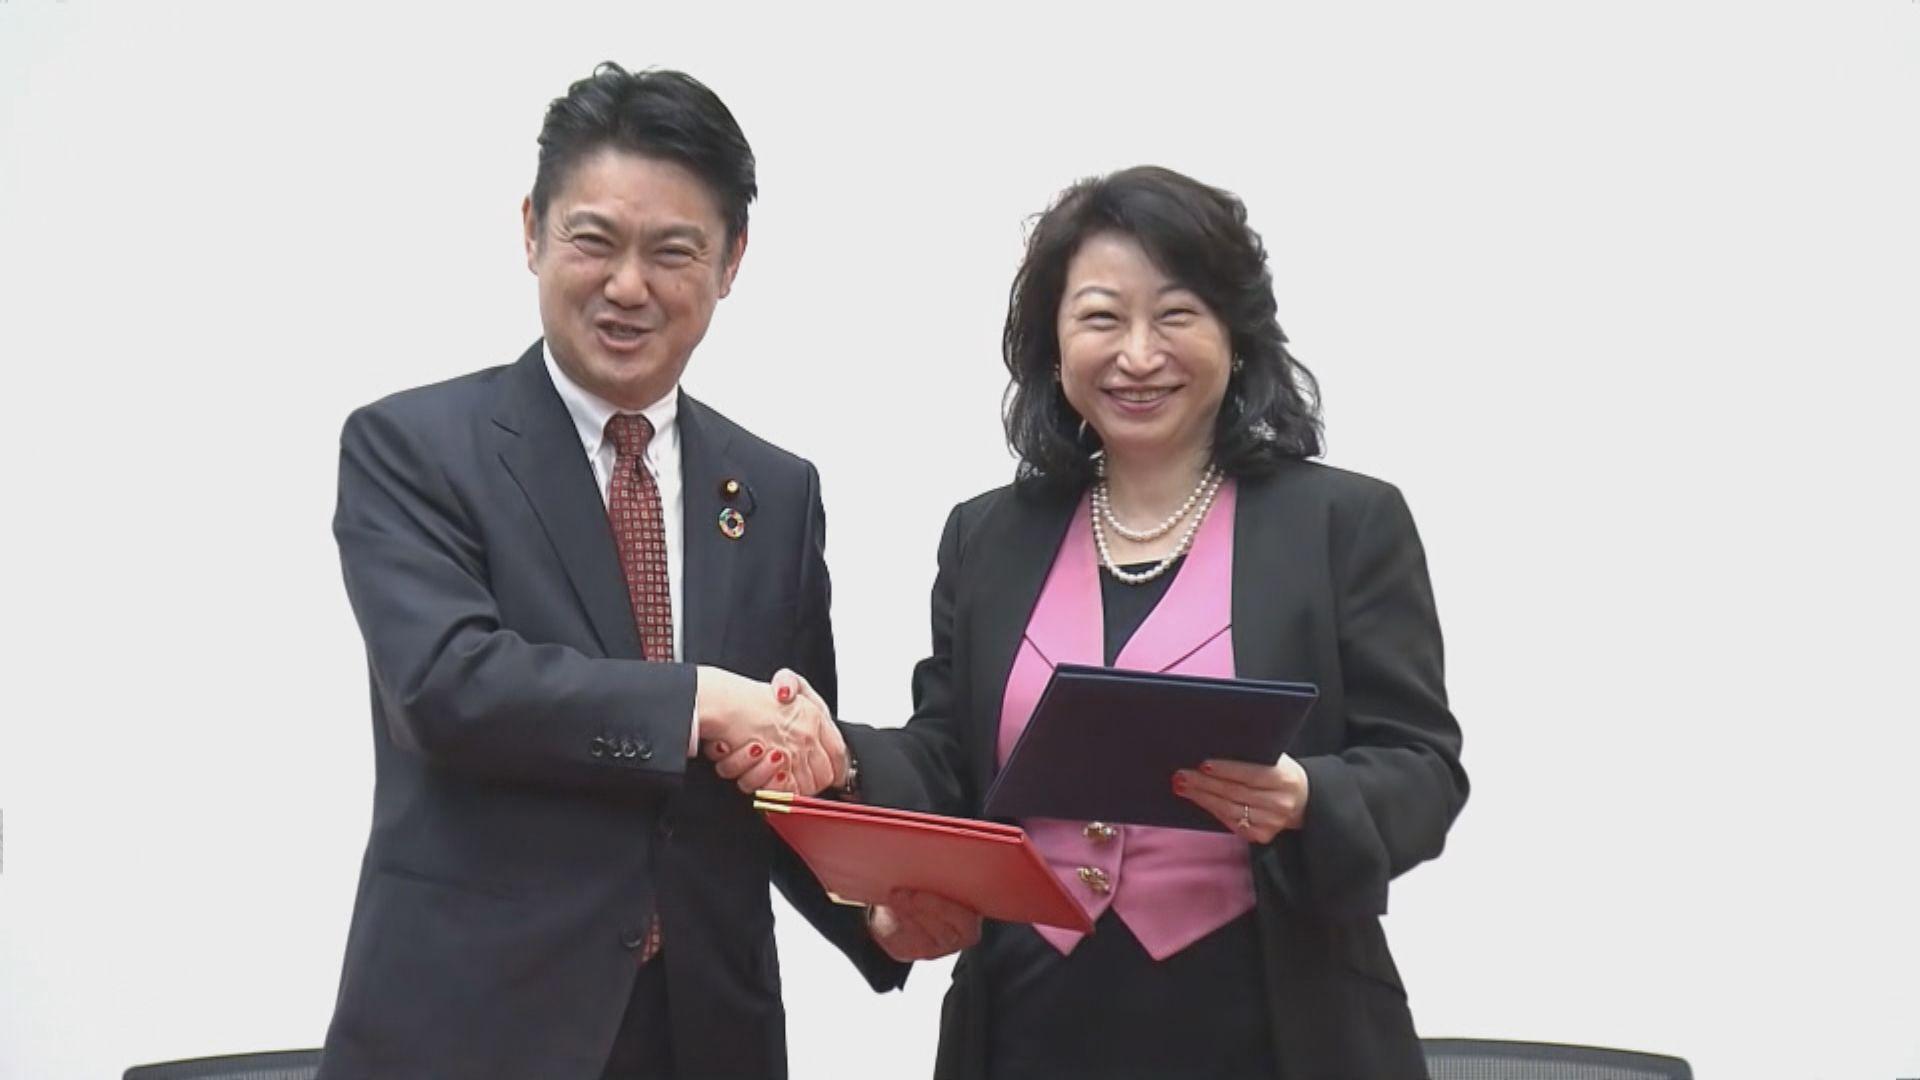 律政司與日本法務省簽署合作備忘錄